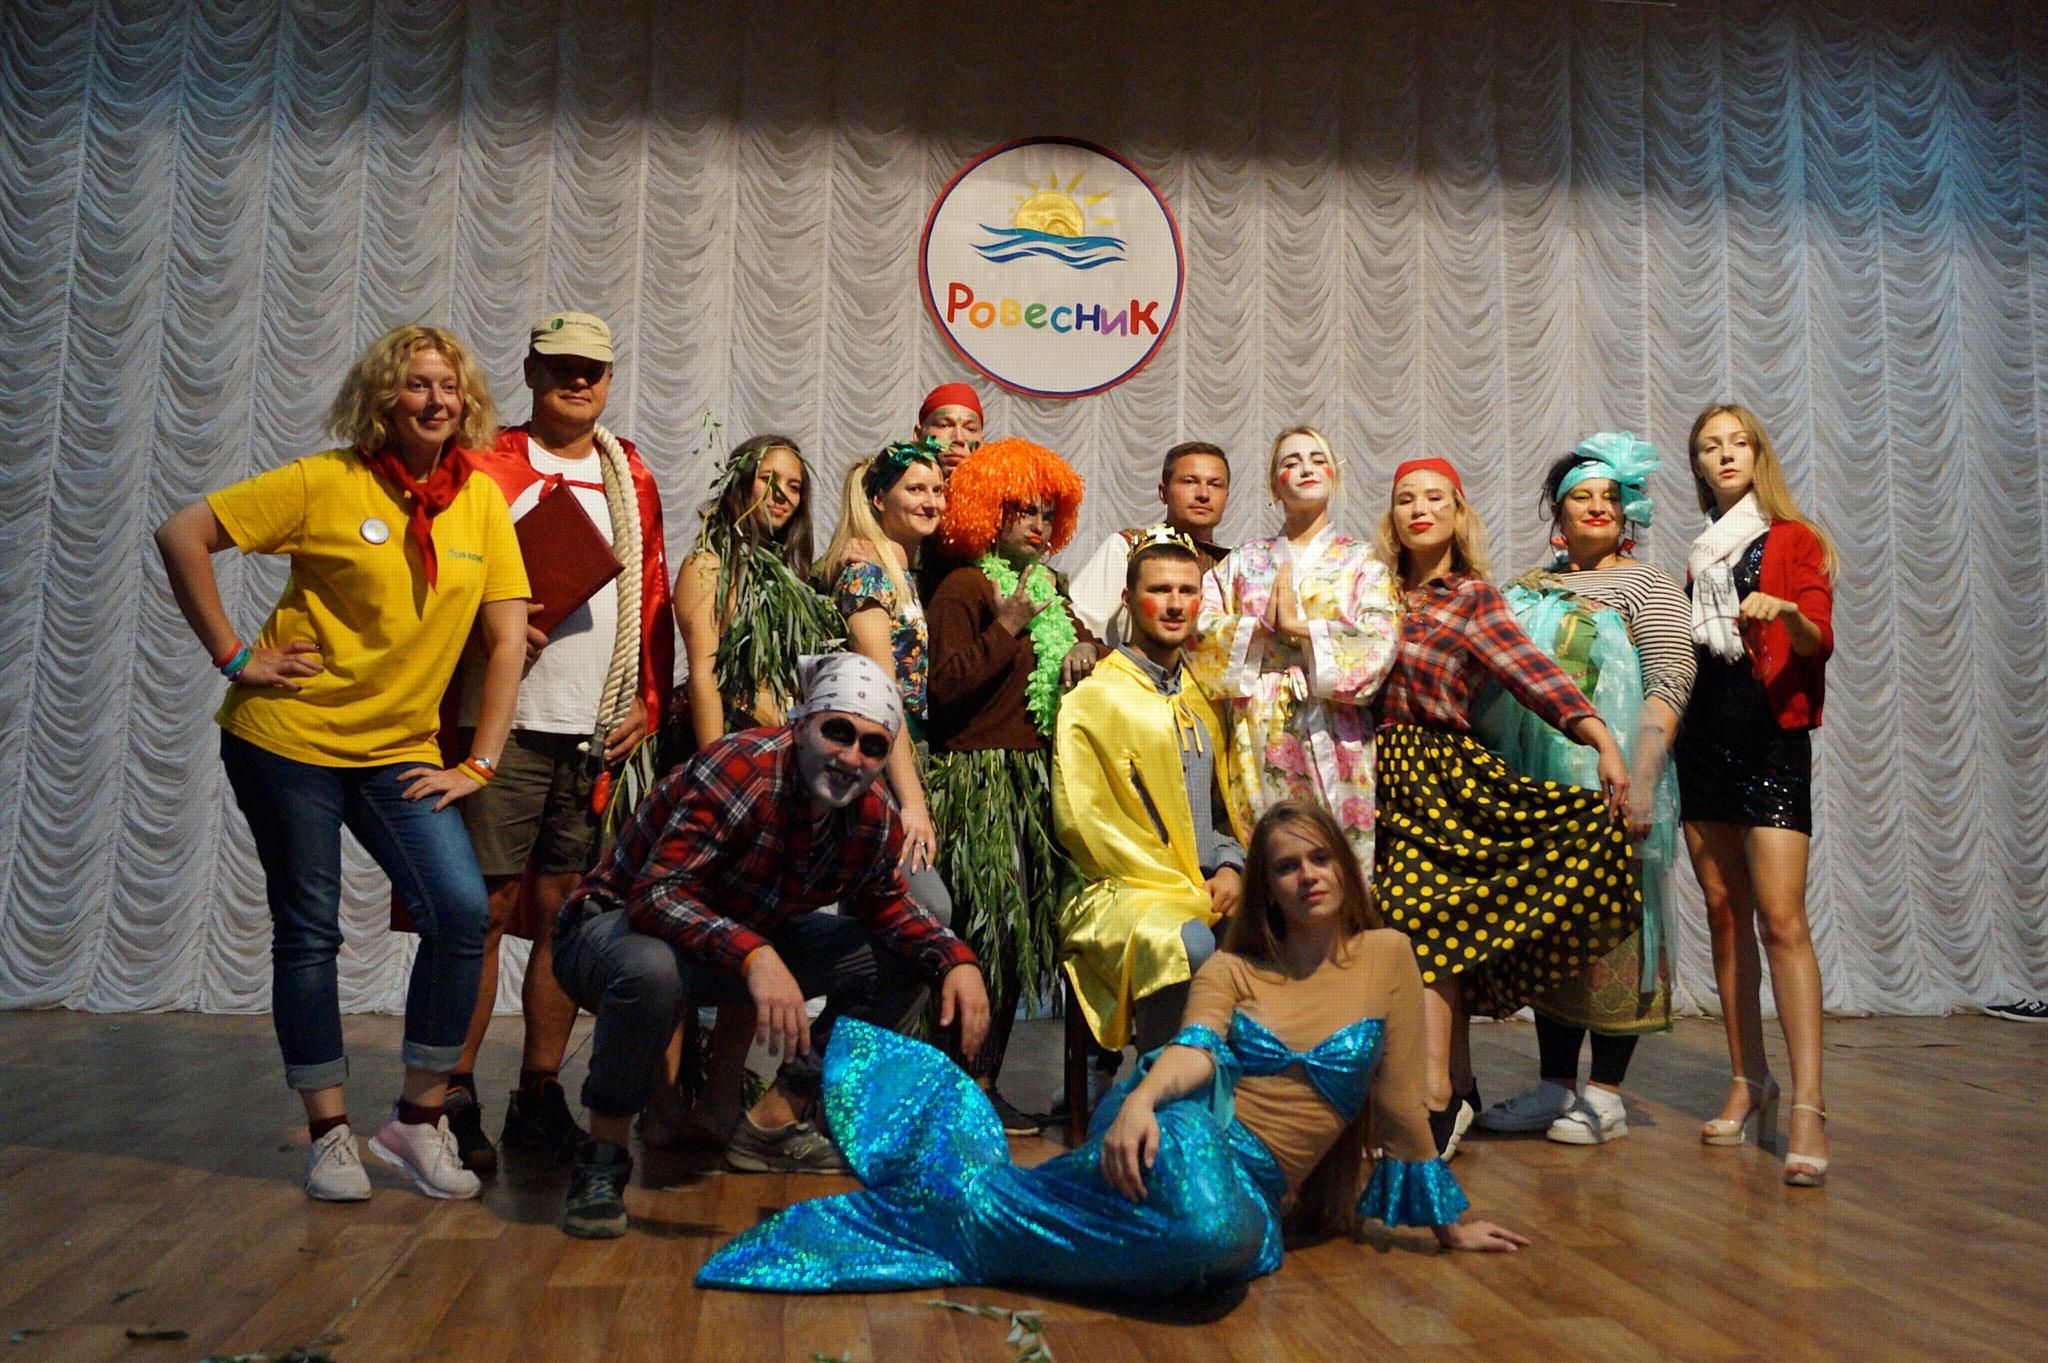 В Детском оздоровительном центре «Ровесник» завершена летняя кампания